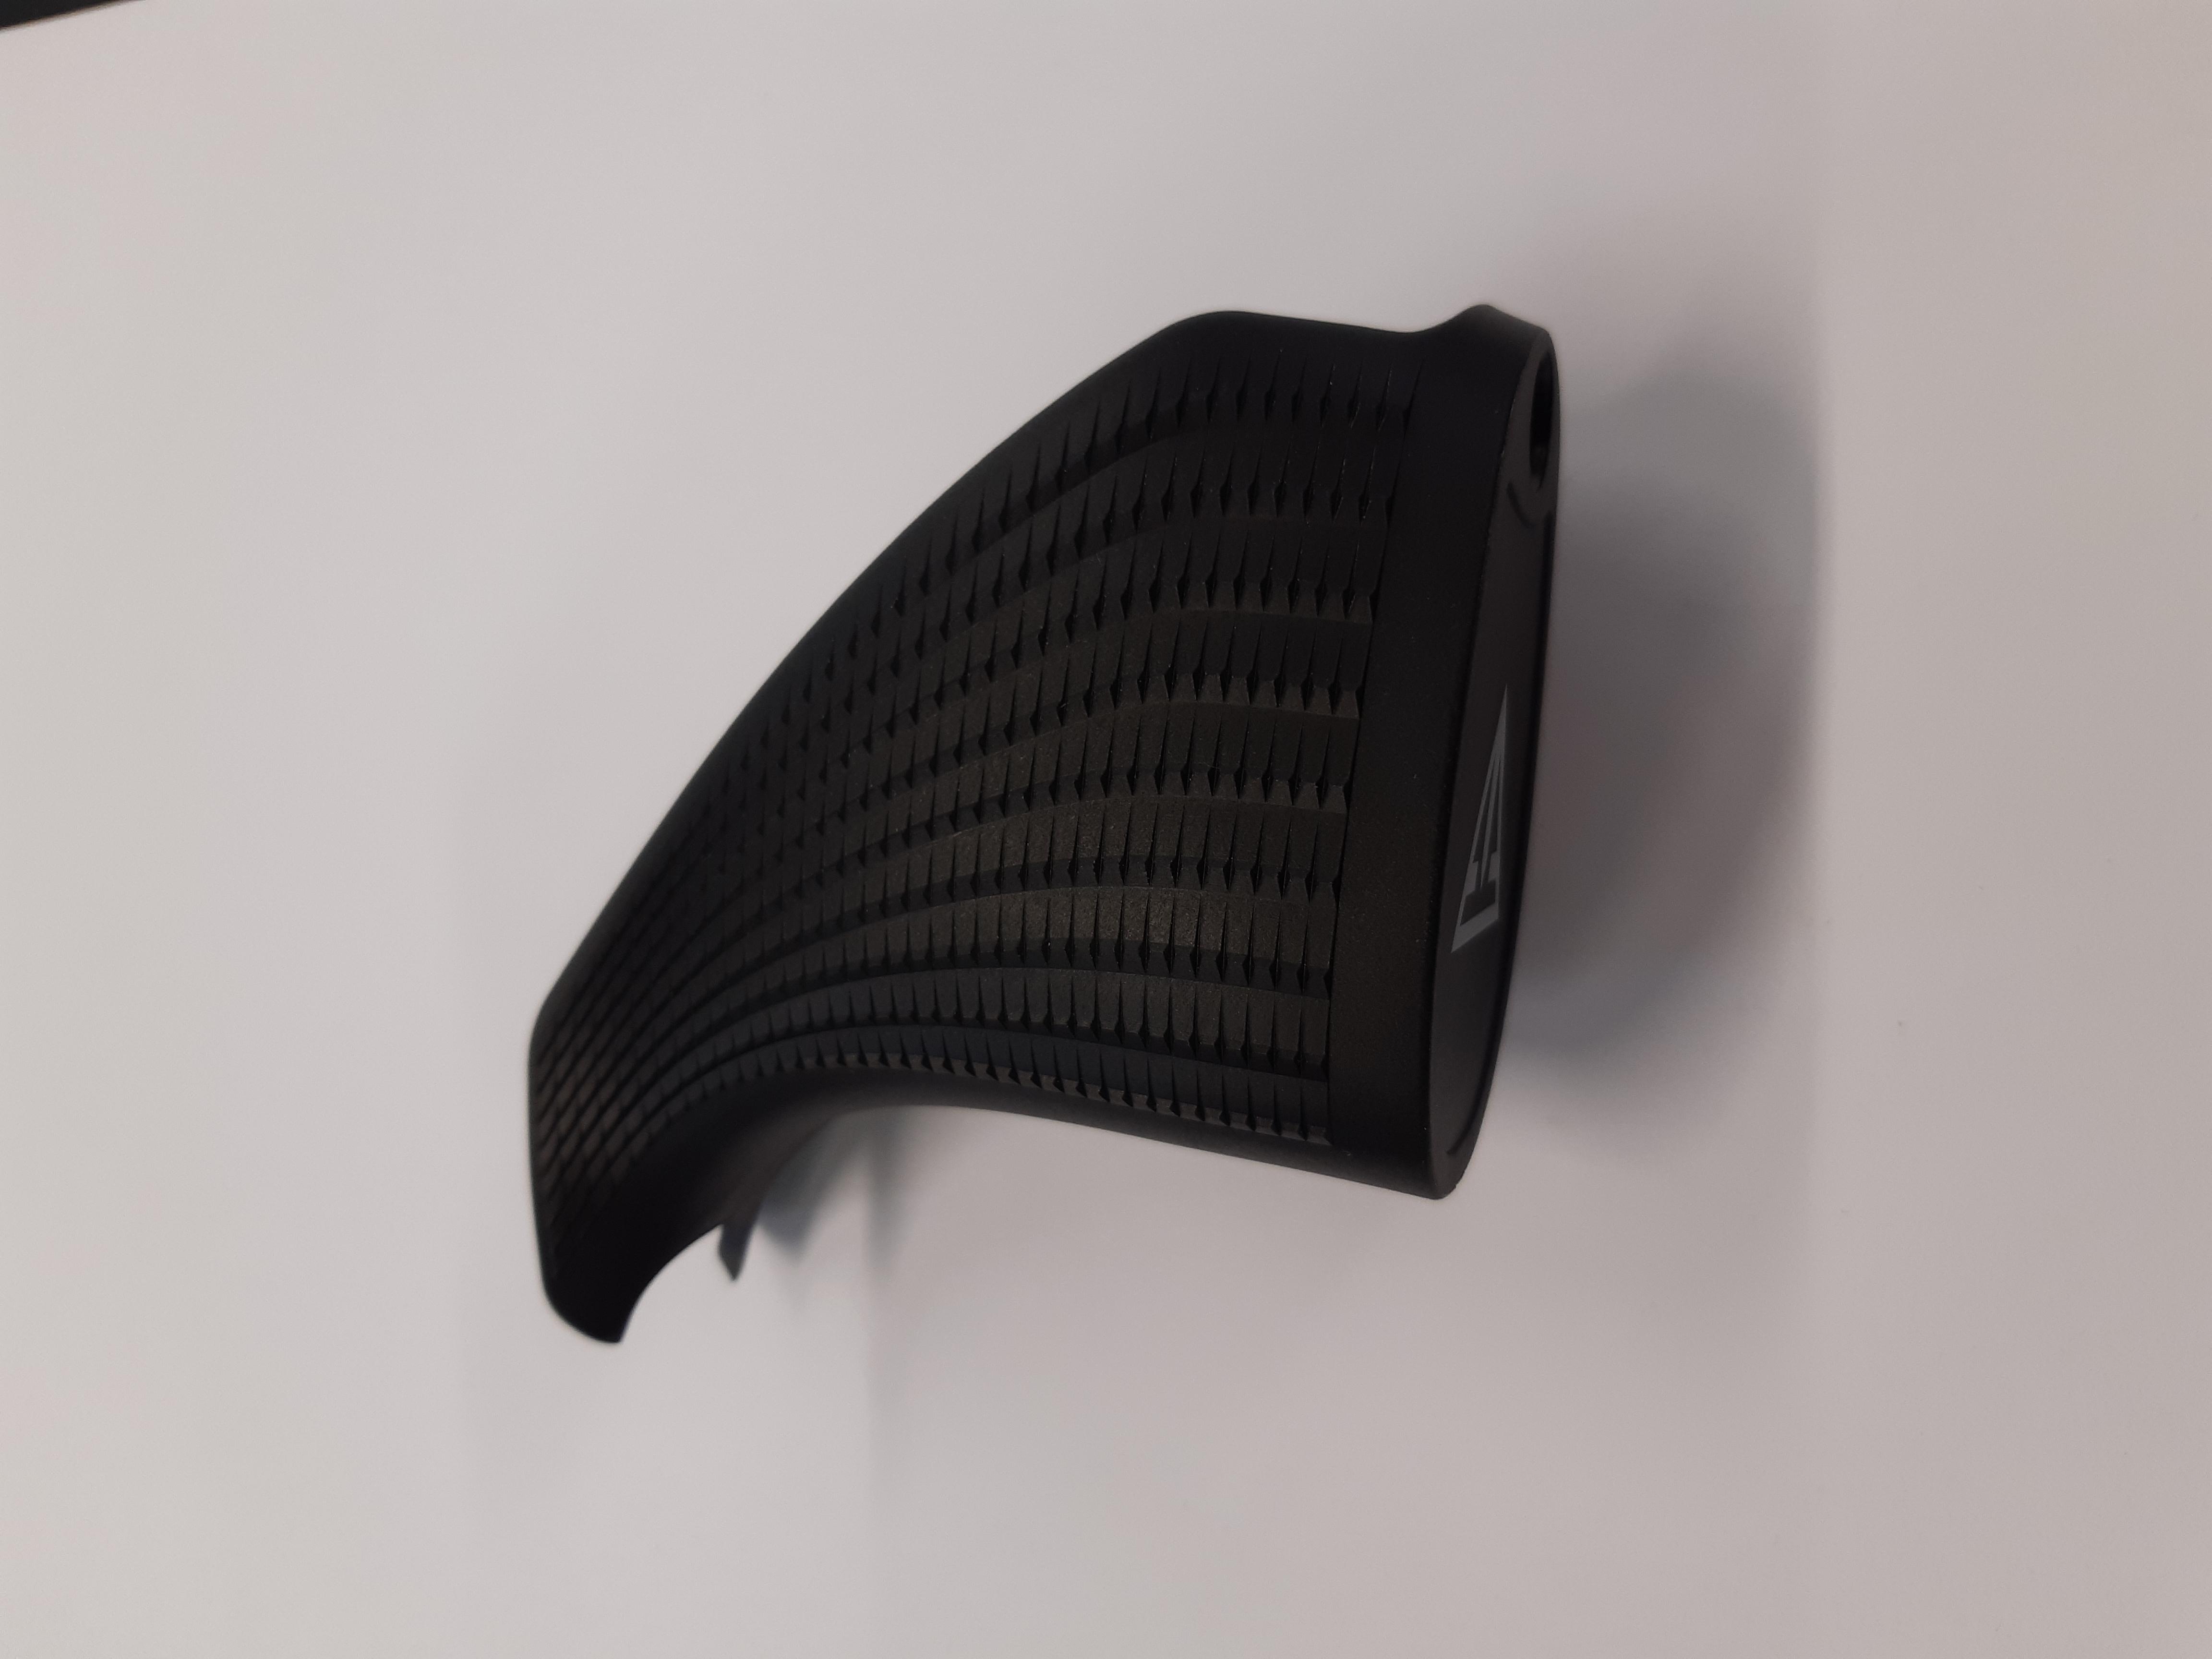 T3x pistoolikahva, vertikaali black